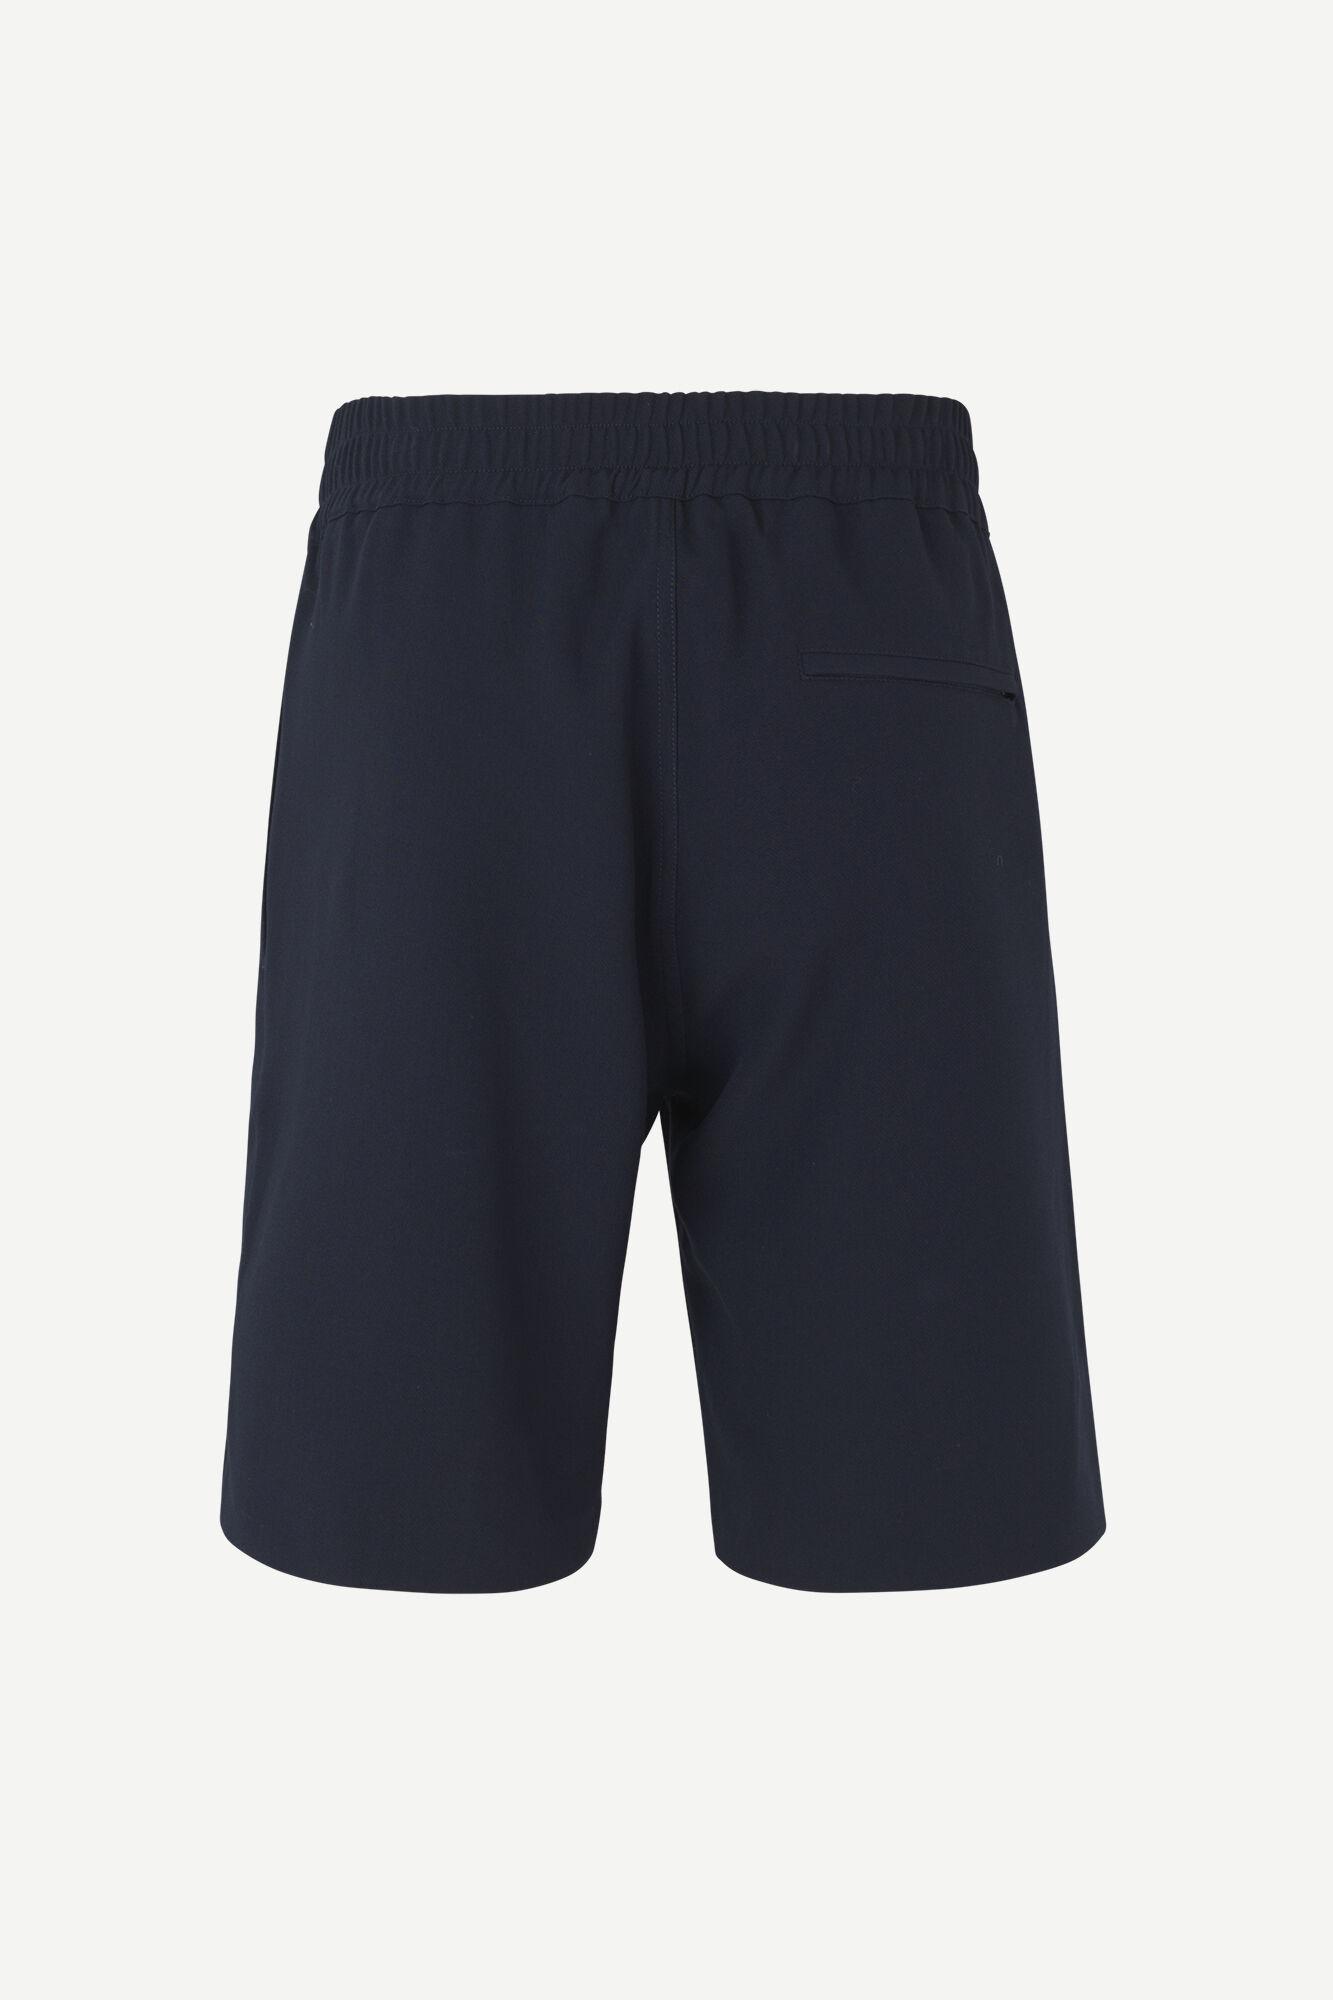 Smith Shorts Night Sky Blue-3